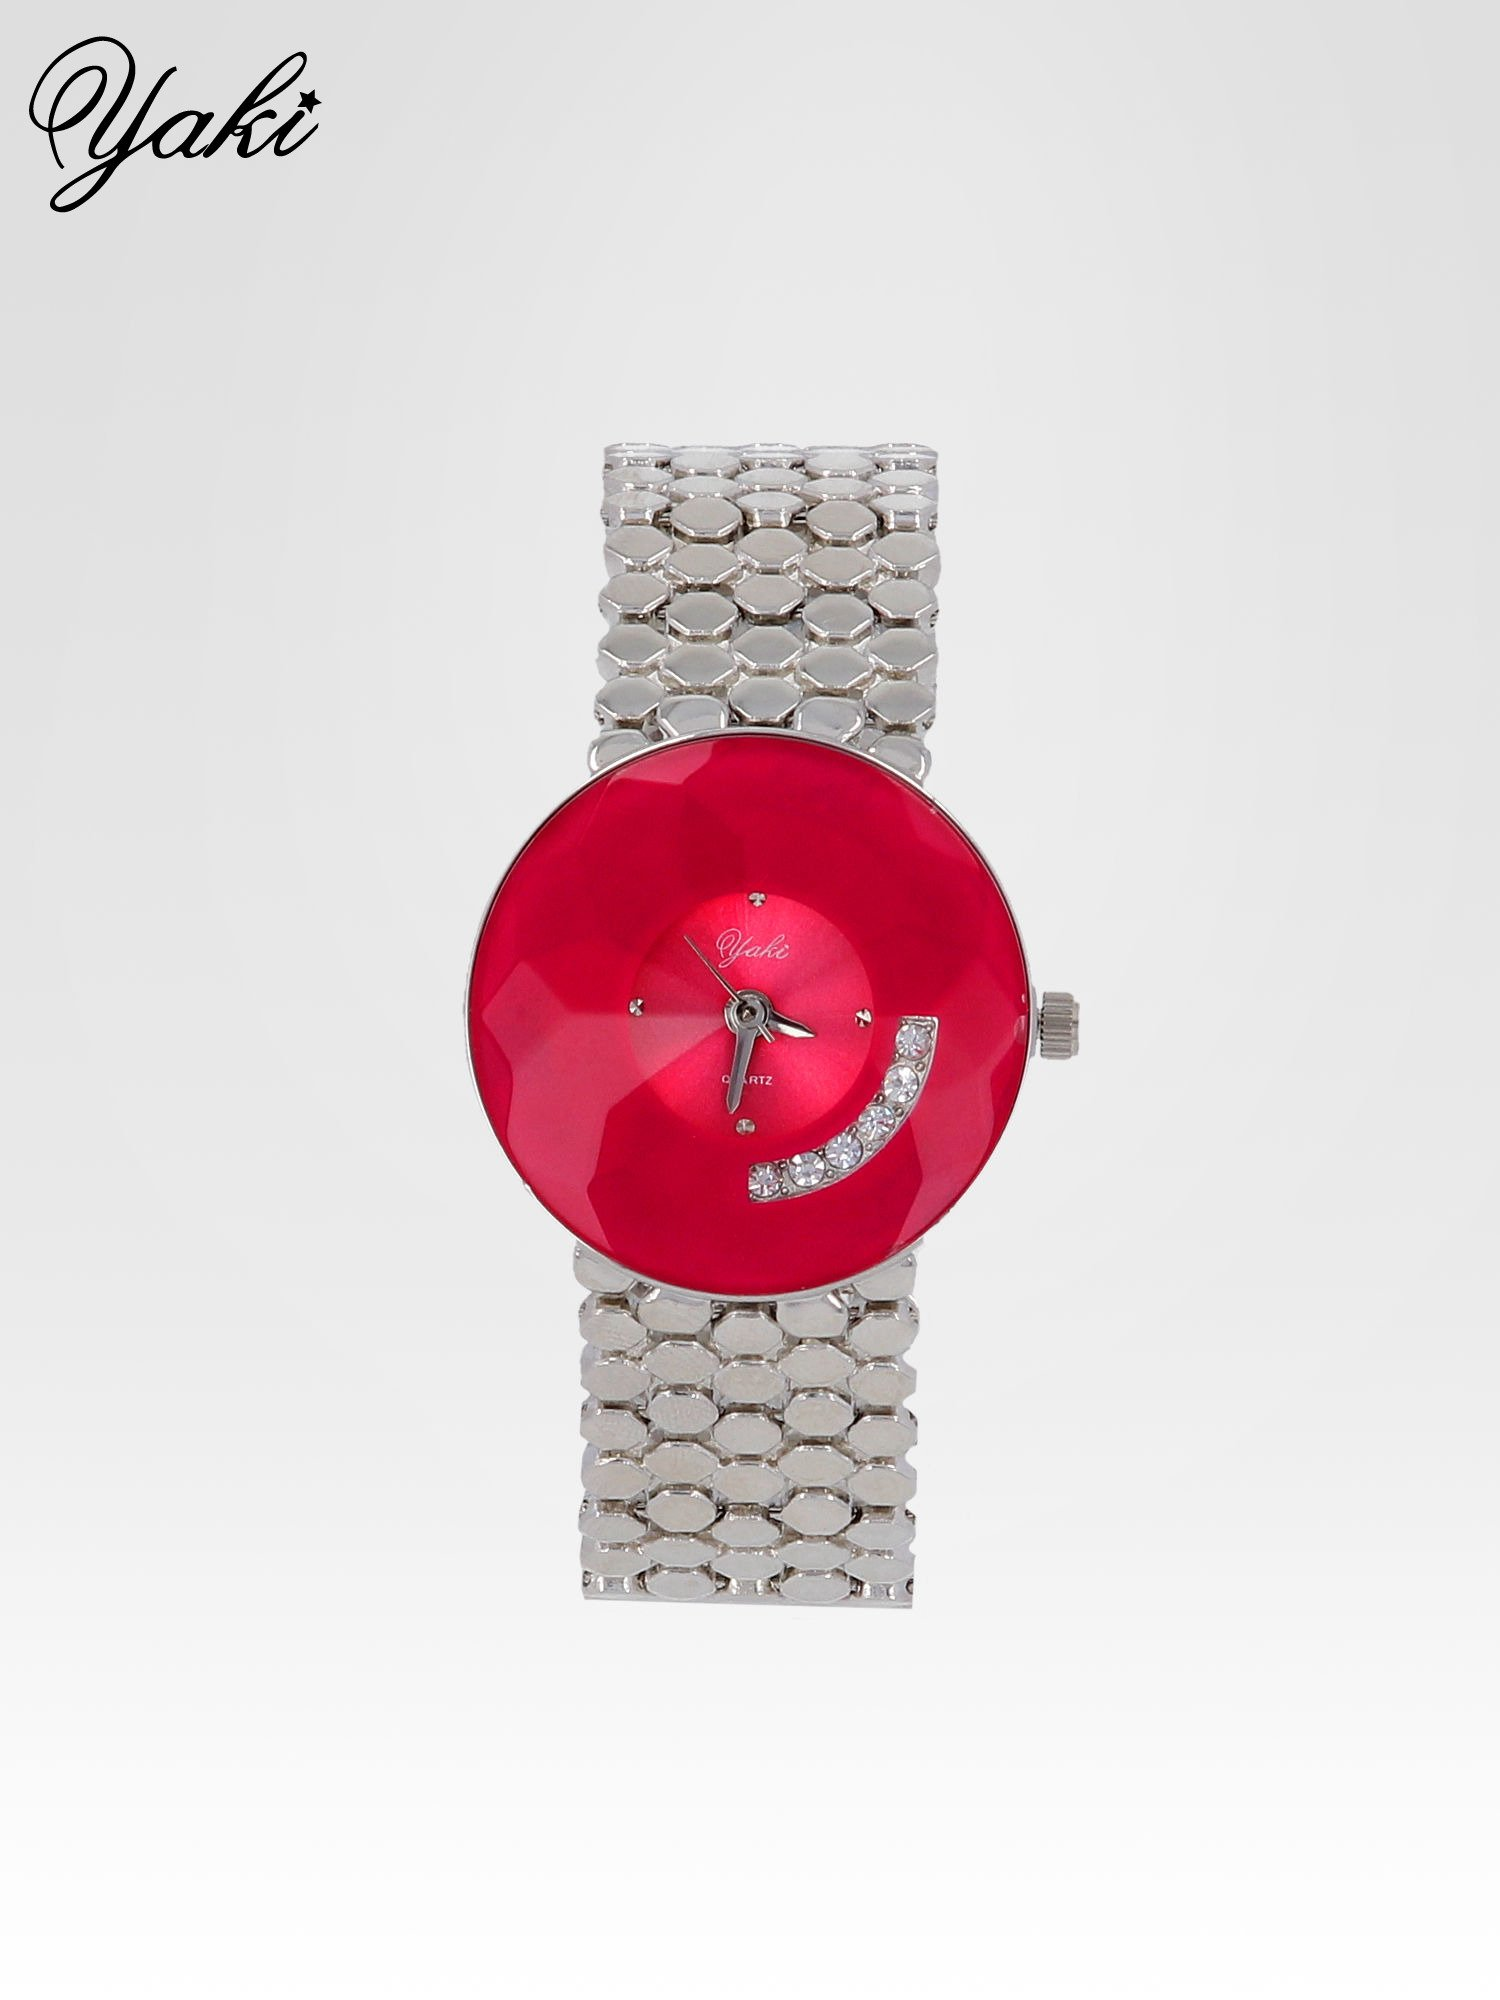 Biżuteryjny srebrny zegarek damski z czerwoną tarczą z cyrkoniami                                  zdj.                                  1